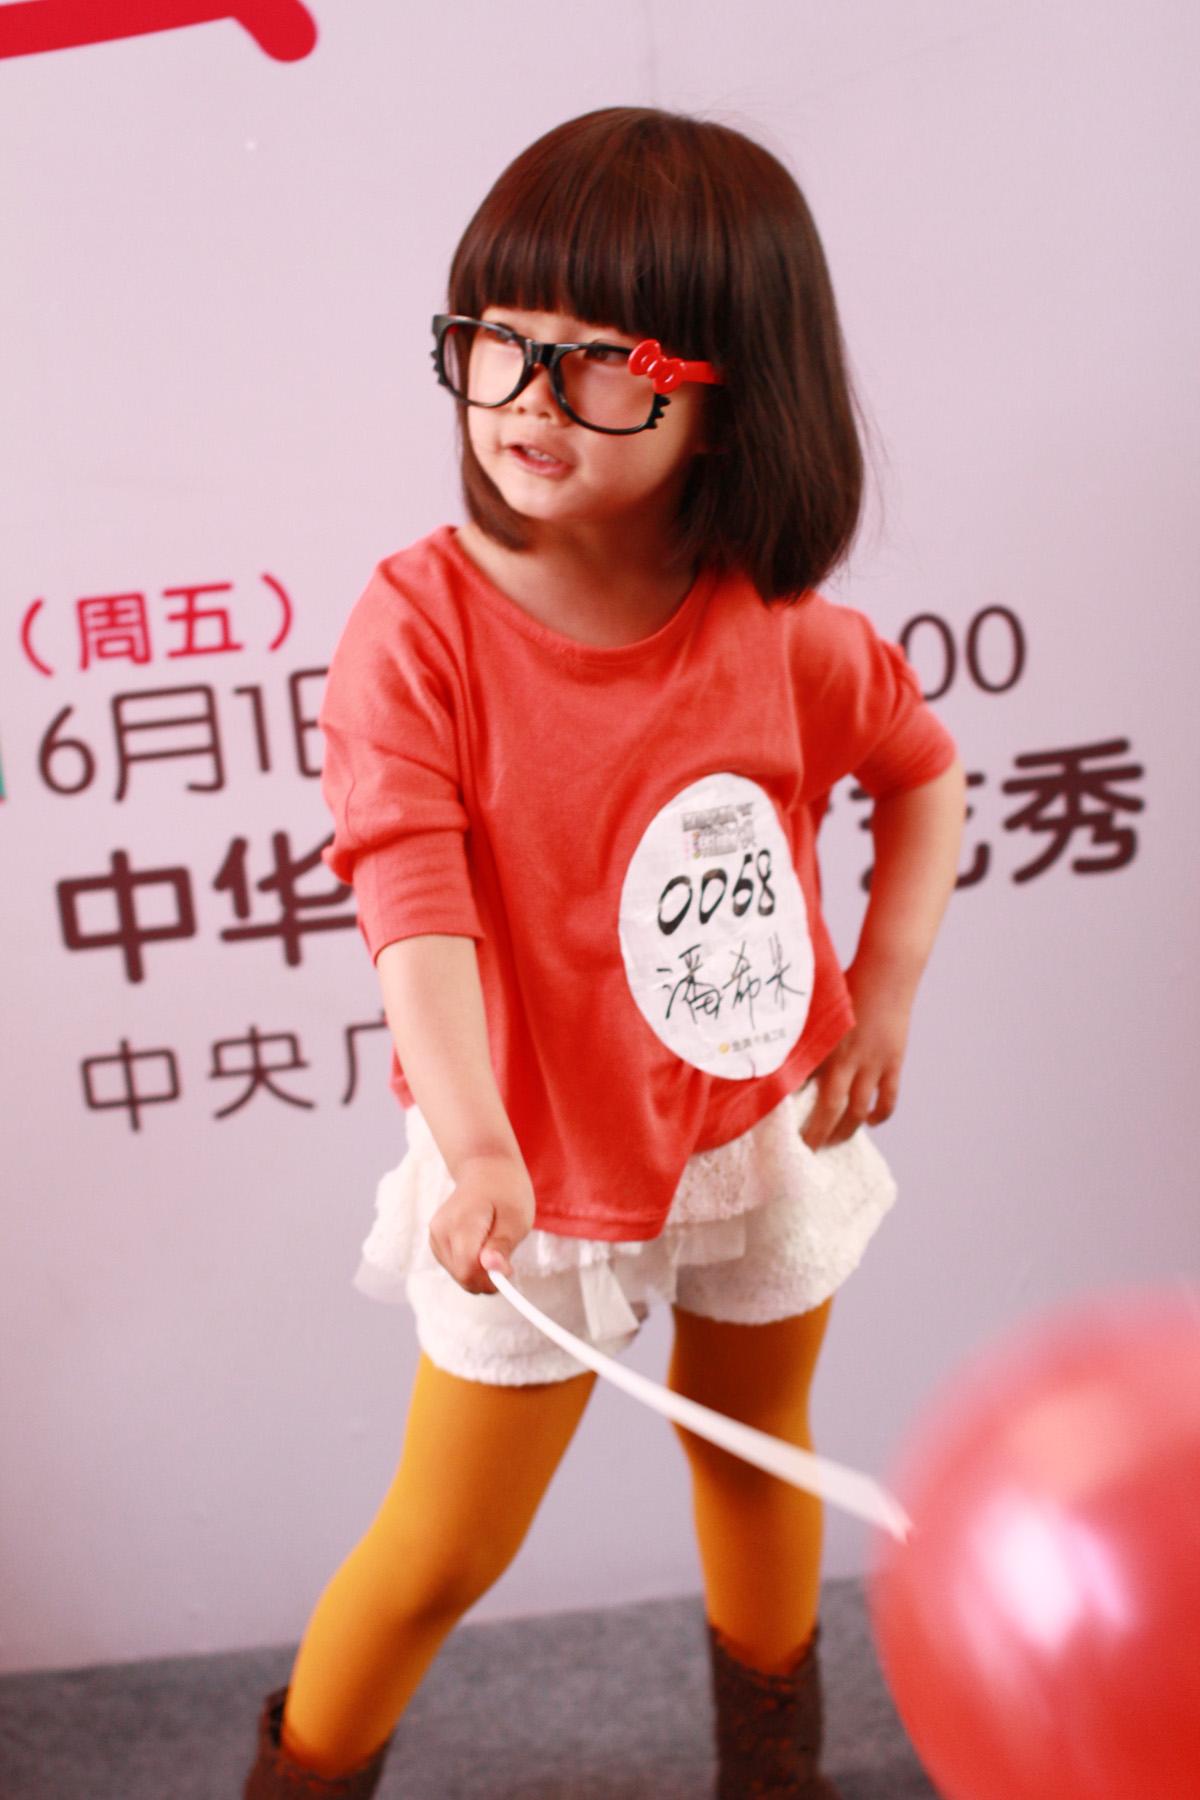 可爱宝贝时装裤xl